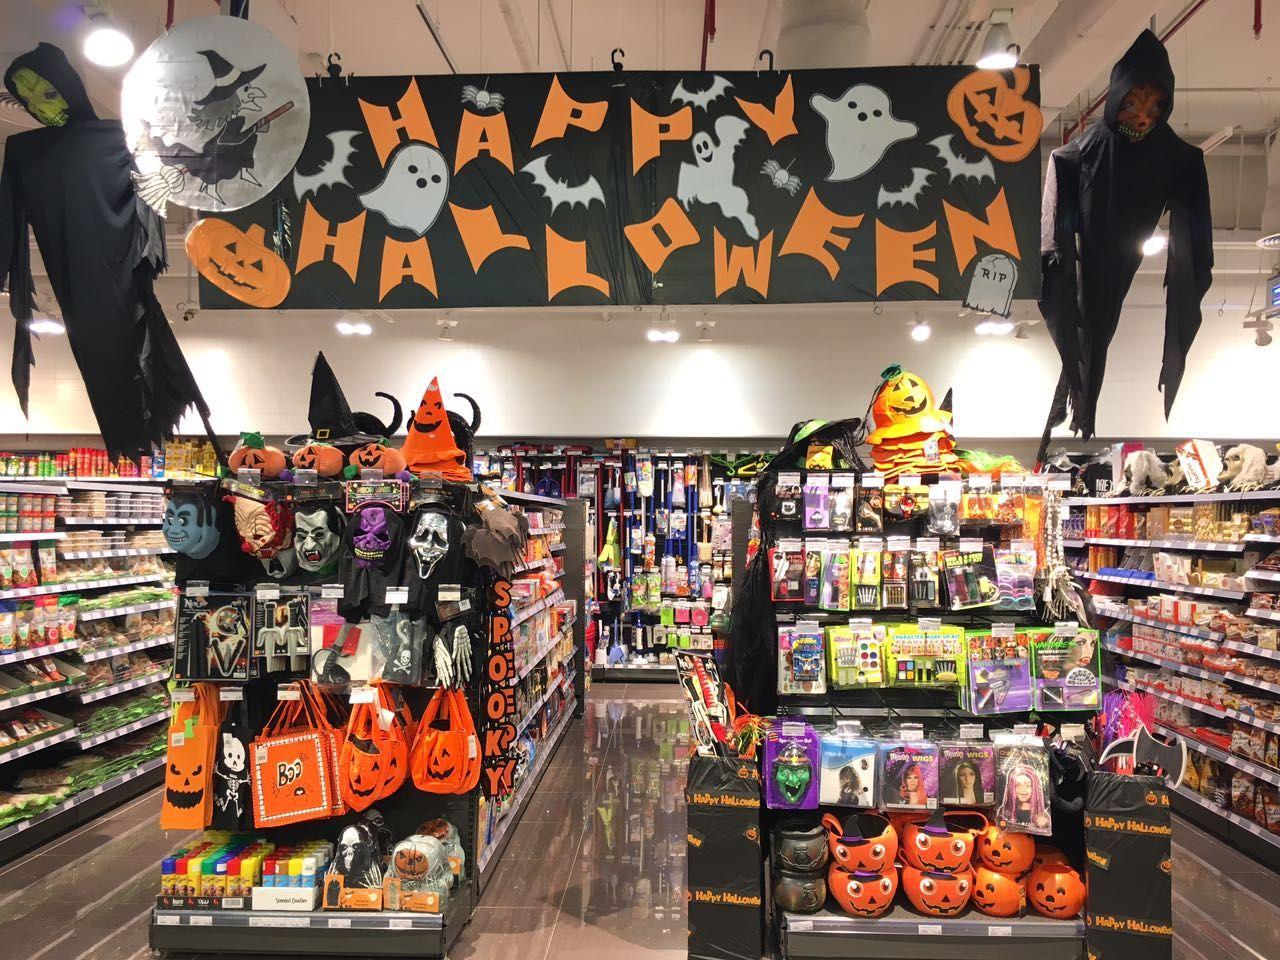 #Halloween #Halloween2016 #TrickOrTreat #HalloweenCollection #Choithrams #HappinessatChoithrams #CelebrateHalloween #HalloweenCostumes #MyDubai #Pumpkins #J3